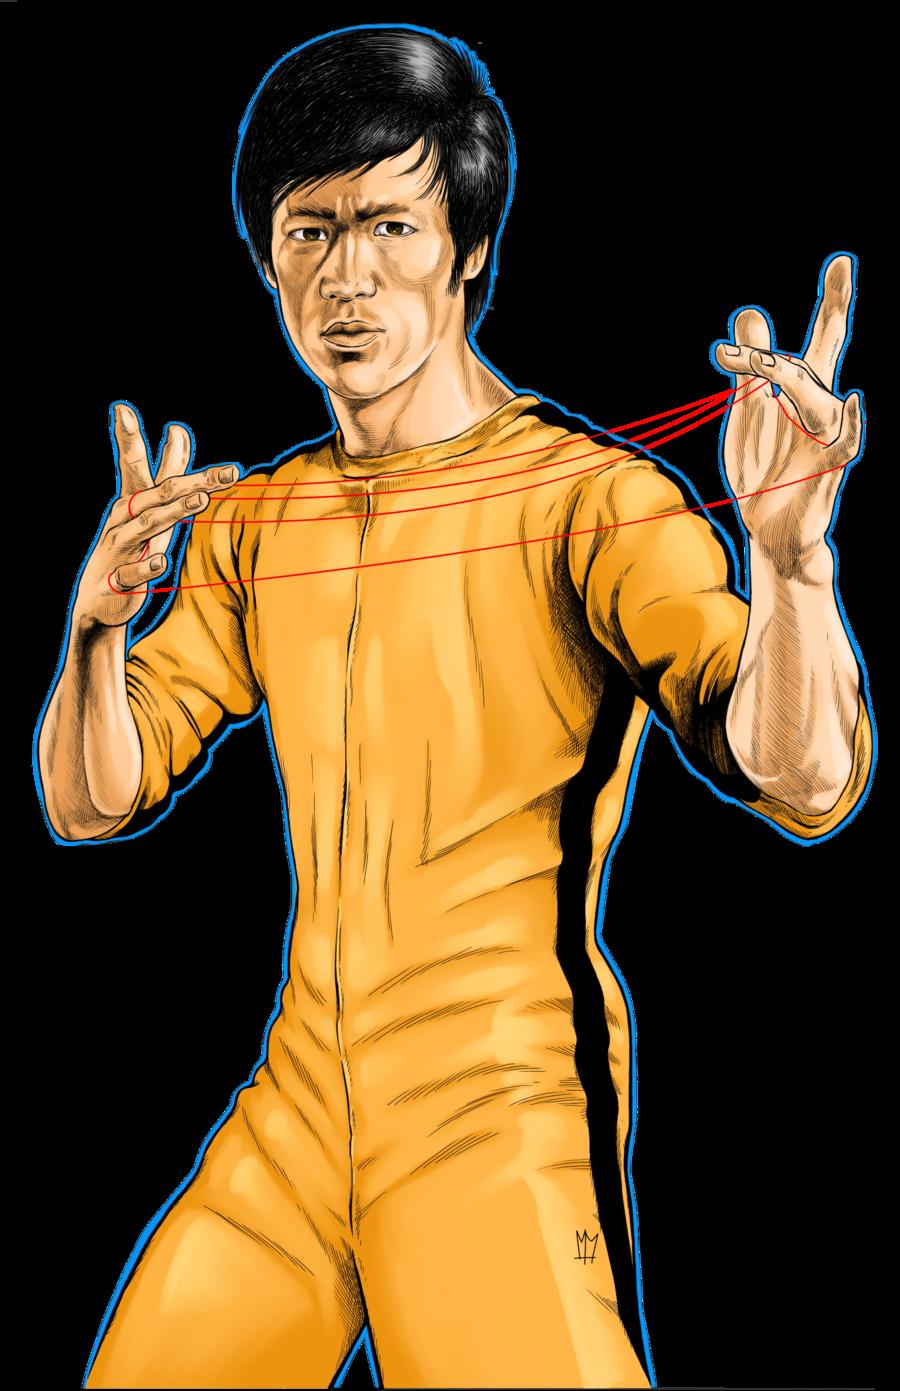 Bruce Lee Png Image Bruce Lee Bruce Lee Art Png Photo